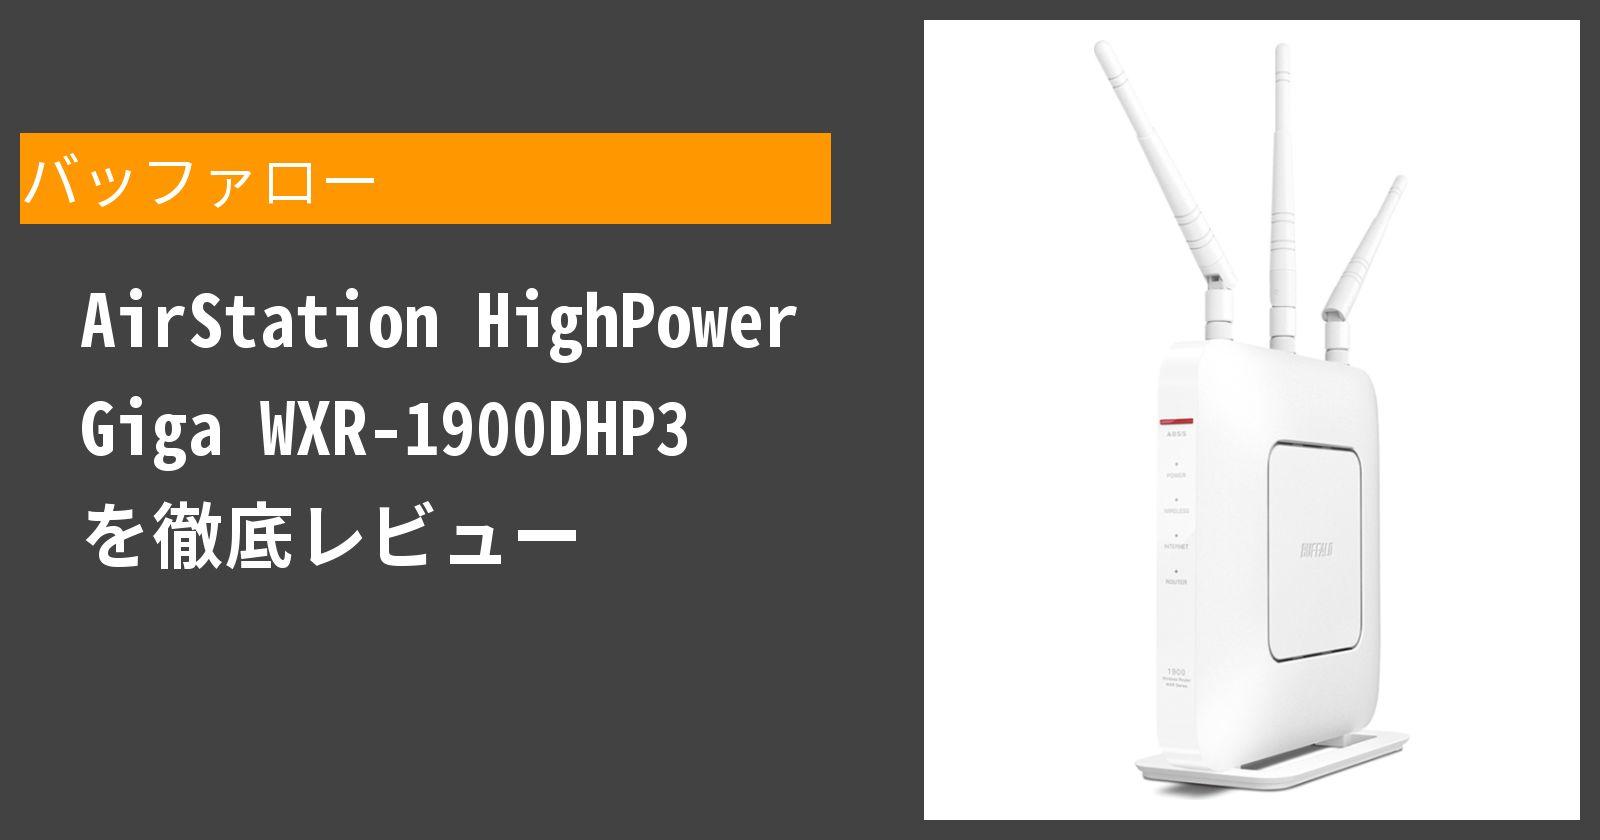 AirStation HighPower Giga WXR-1900DHP3を徹底評価